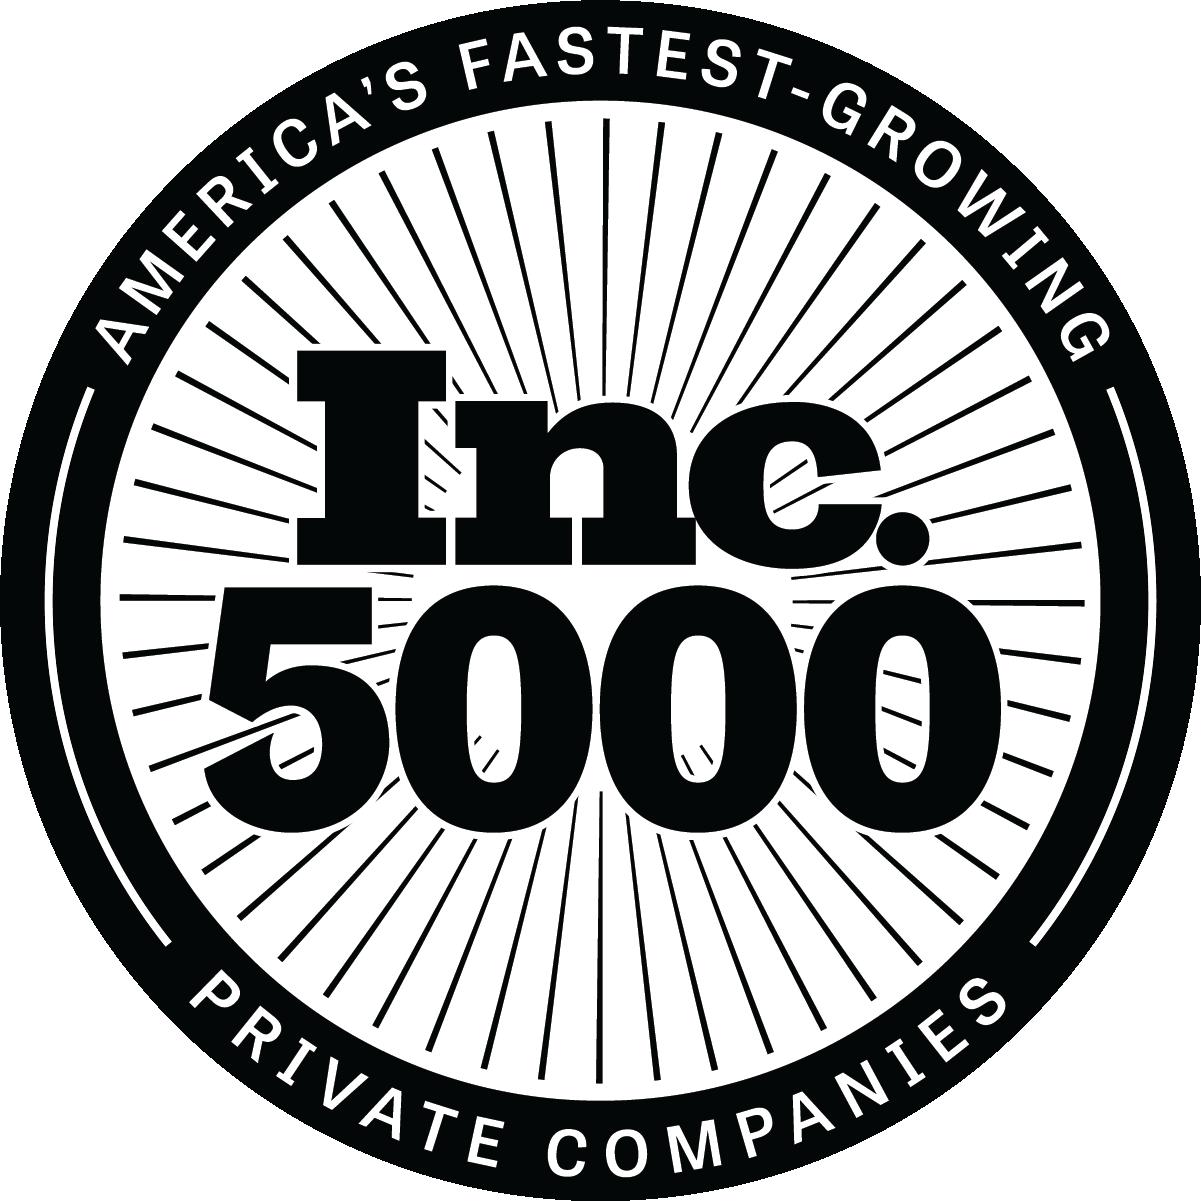 Fortune 5000